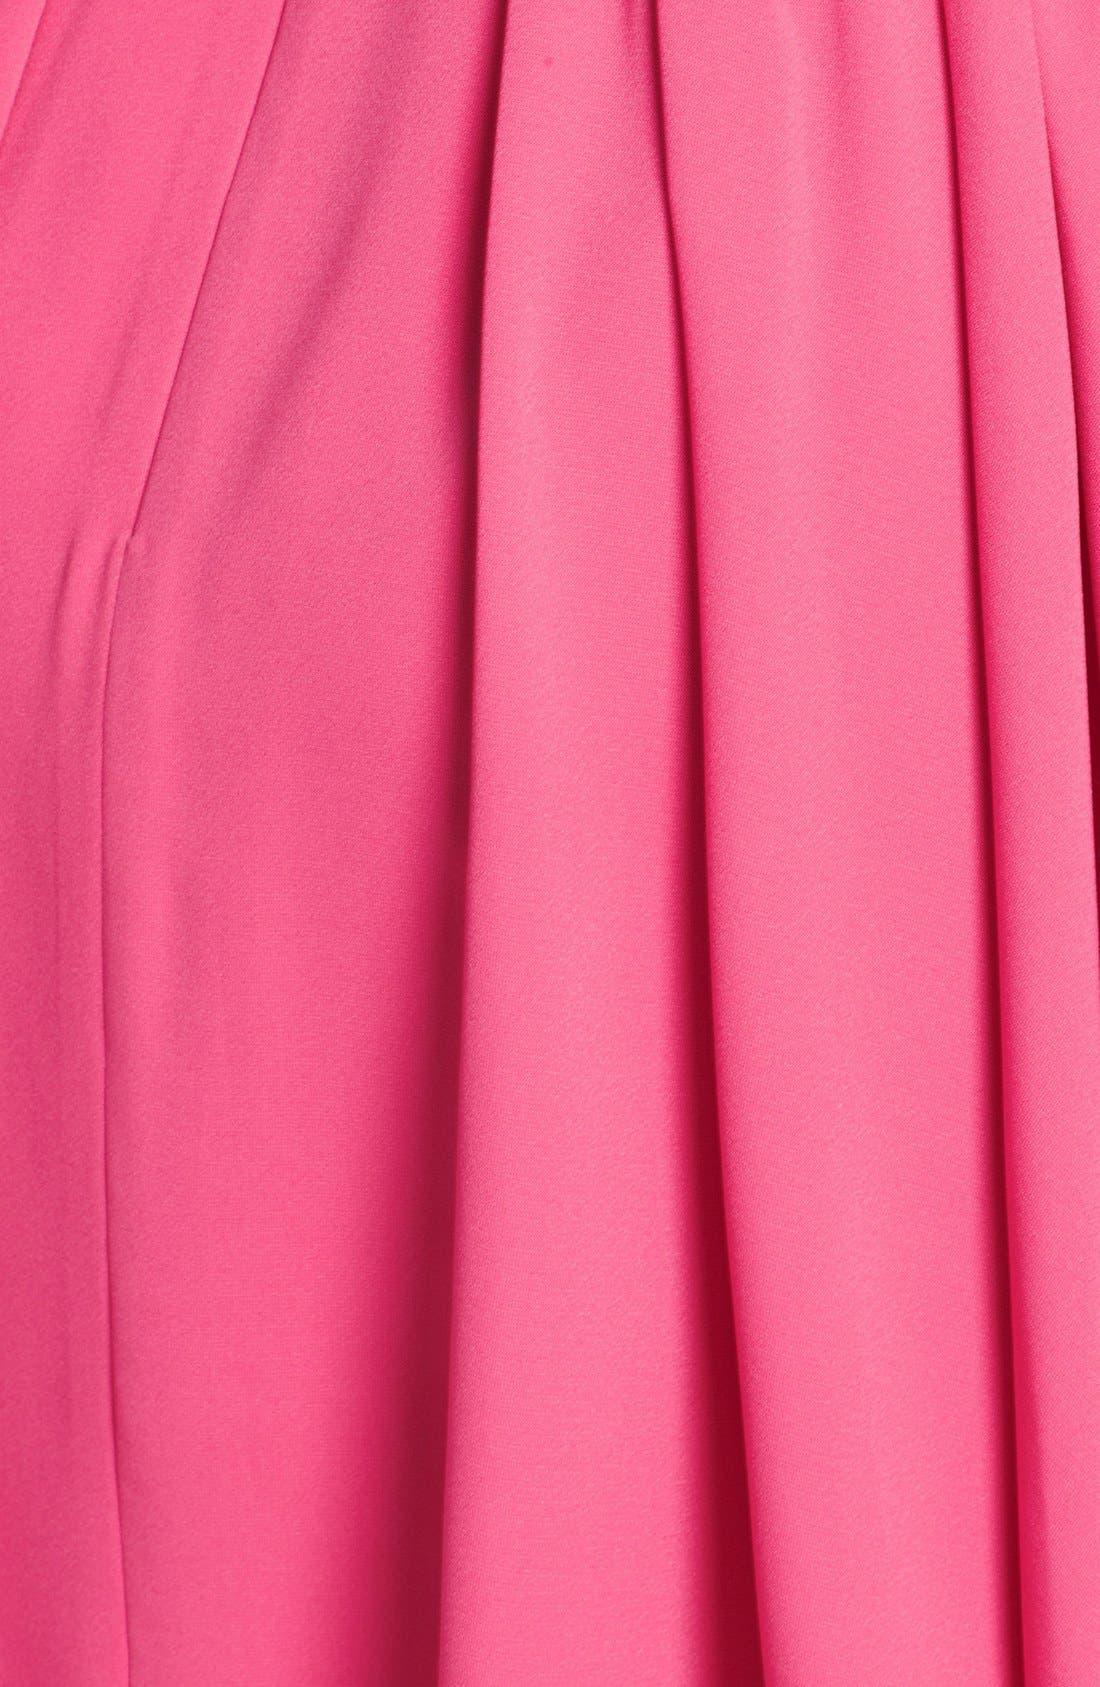 Alternate Image 3  - Jill Jill Stuart Bow Detail Crepe Fit & Flare Dress